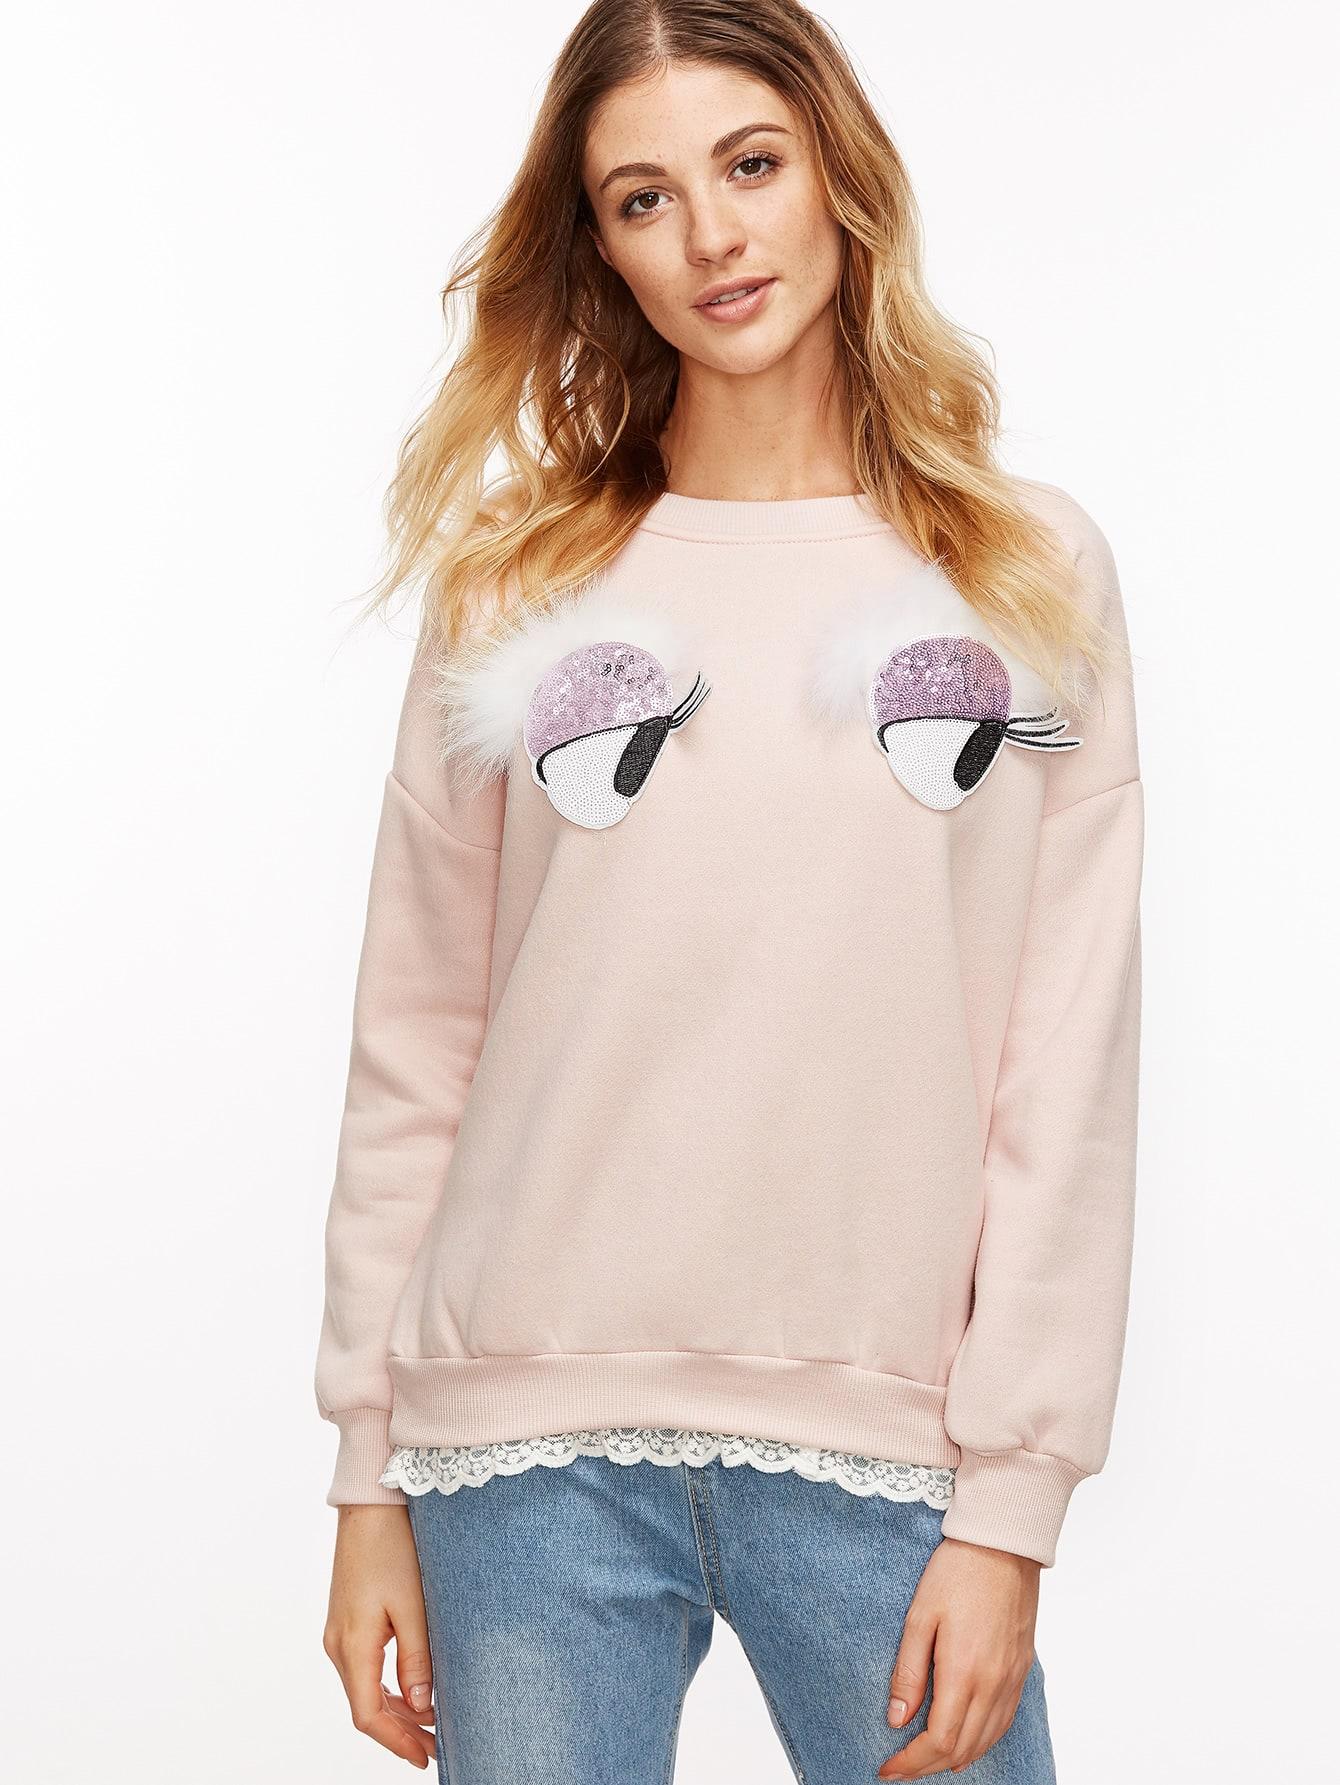 Pink Drop Shoulder Sequins Trim Contrast Lace Sweatshirt sweatshirt161031001